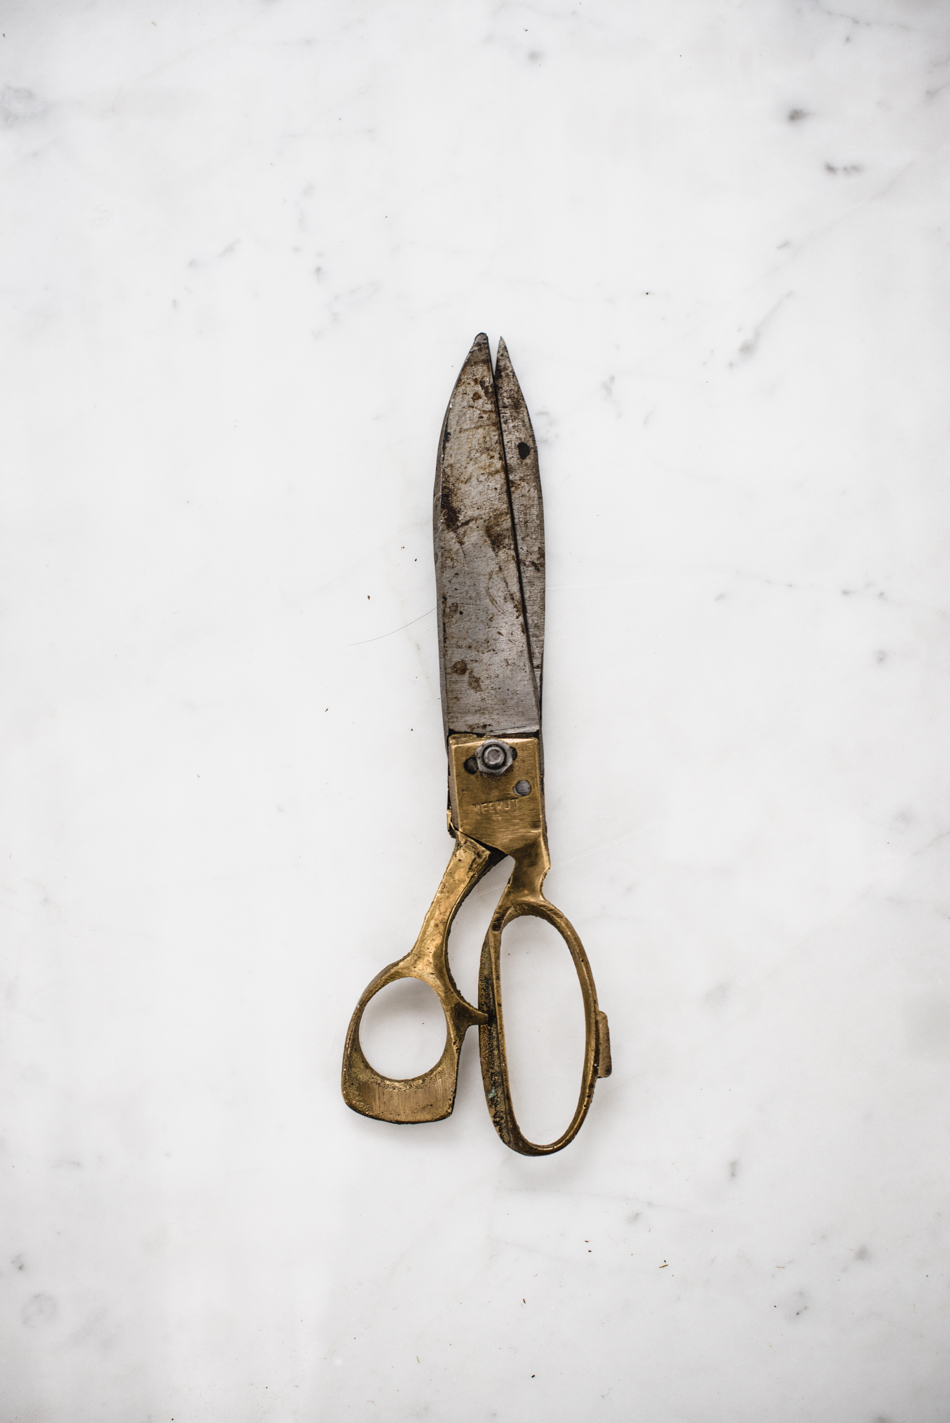 Uno strumento insostituibile: le forbici.E' puro amore. Più ne compro e più ne perdo : queste restano sempre tra le mie preferite e le tengo spesso con me. A volte cammino per strada e sorrido da sola: chissà cosa accadrebbe se quel passante sbirciasse nella mia borsa.